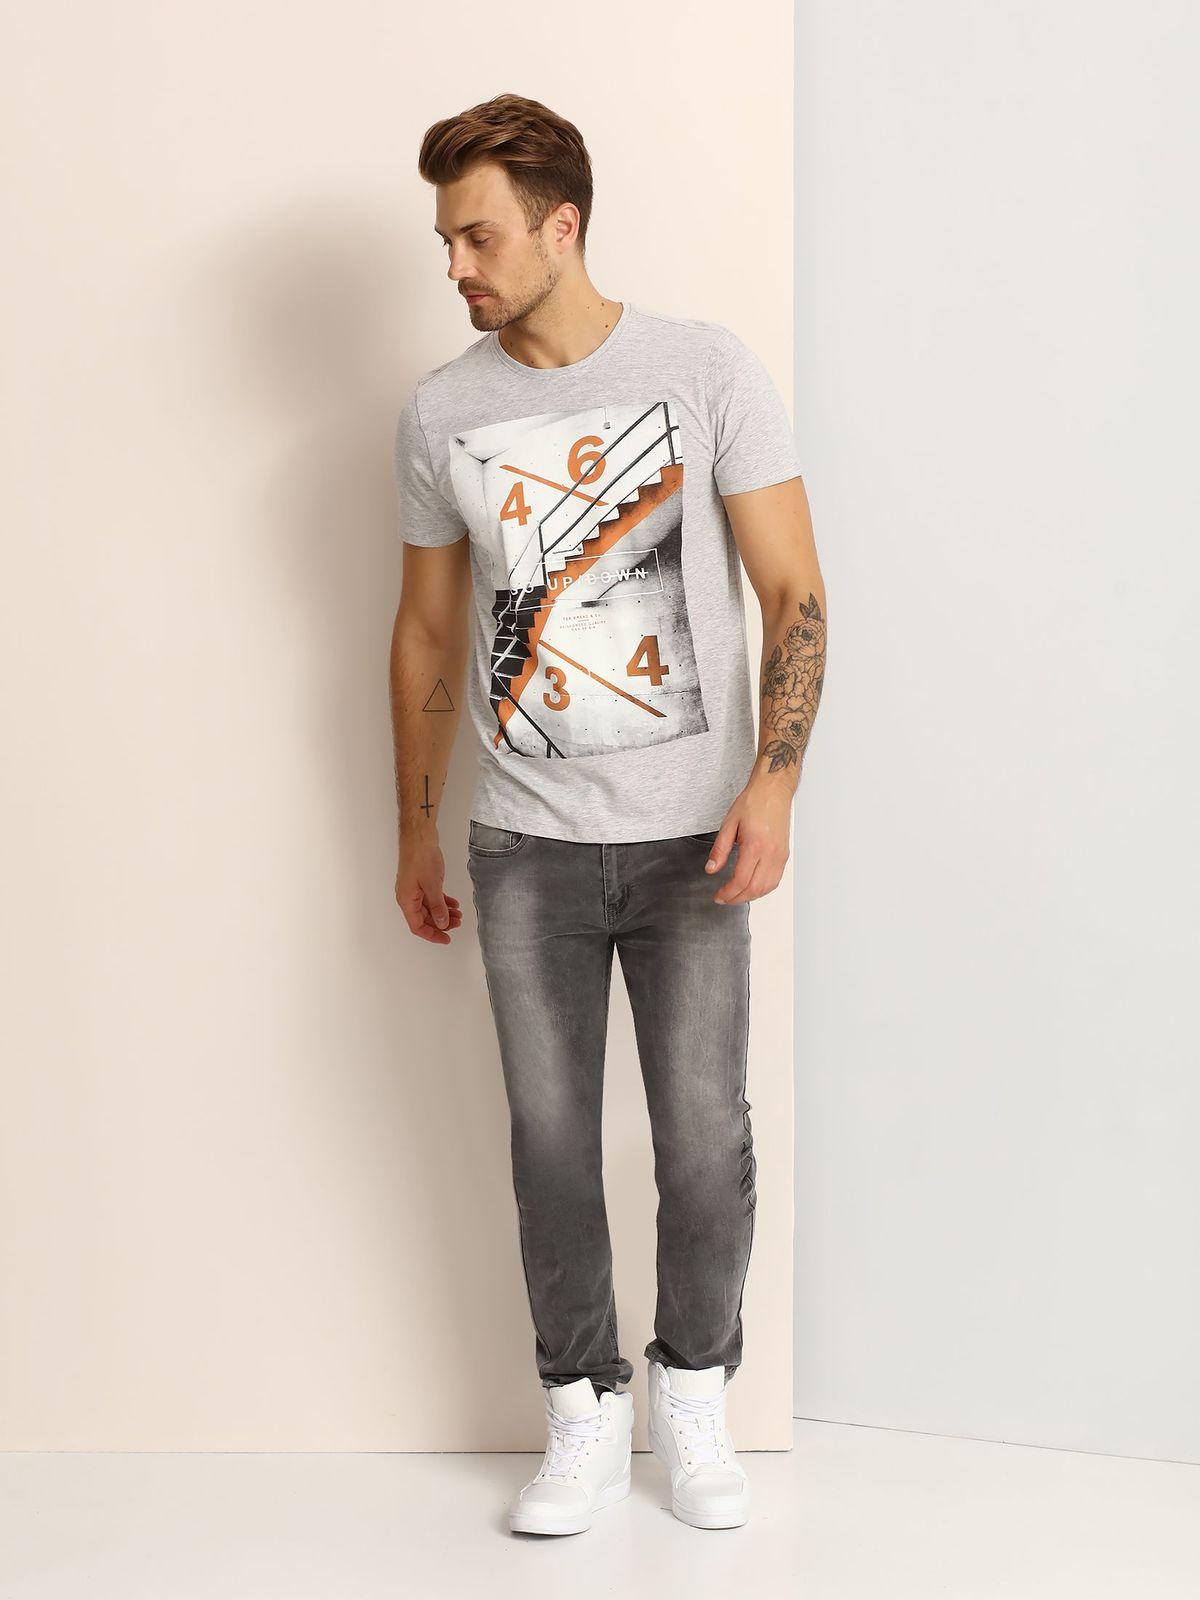 SPO2809SZМужская футболка, выполненная из 100% хлопка, оформлена ярким принтом с надписью. Модель со стандартным коротким рукавом и круглым вырезом горловины.